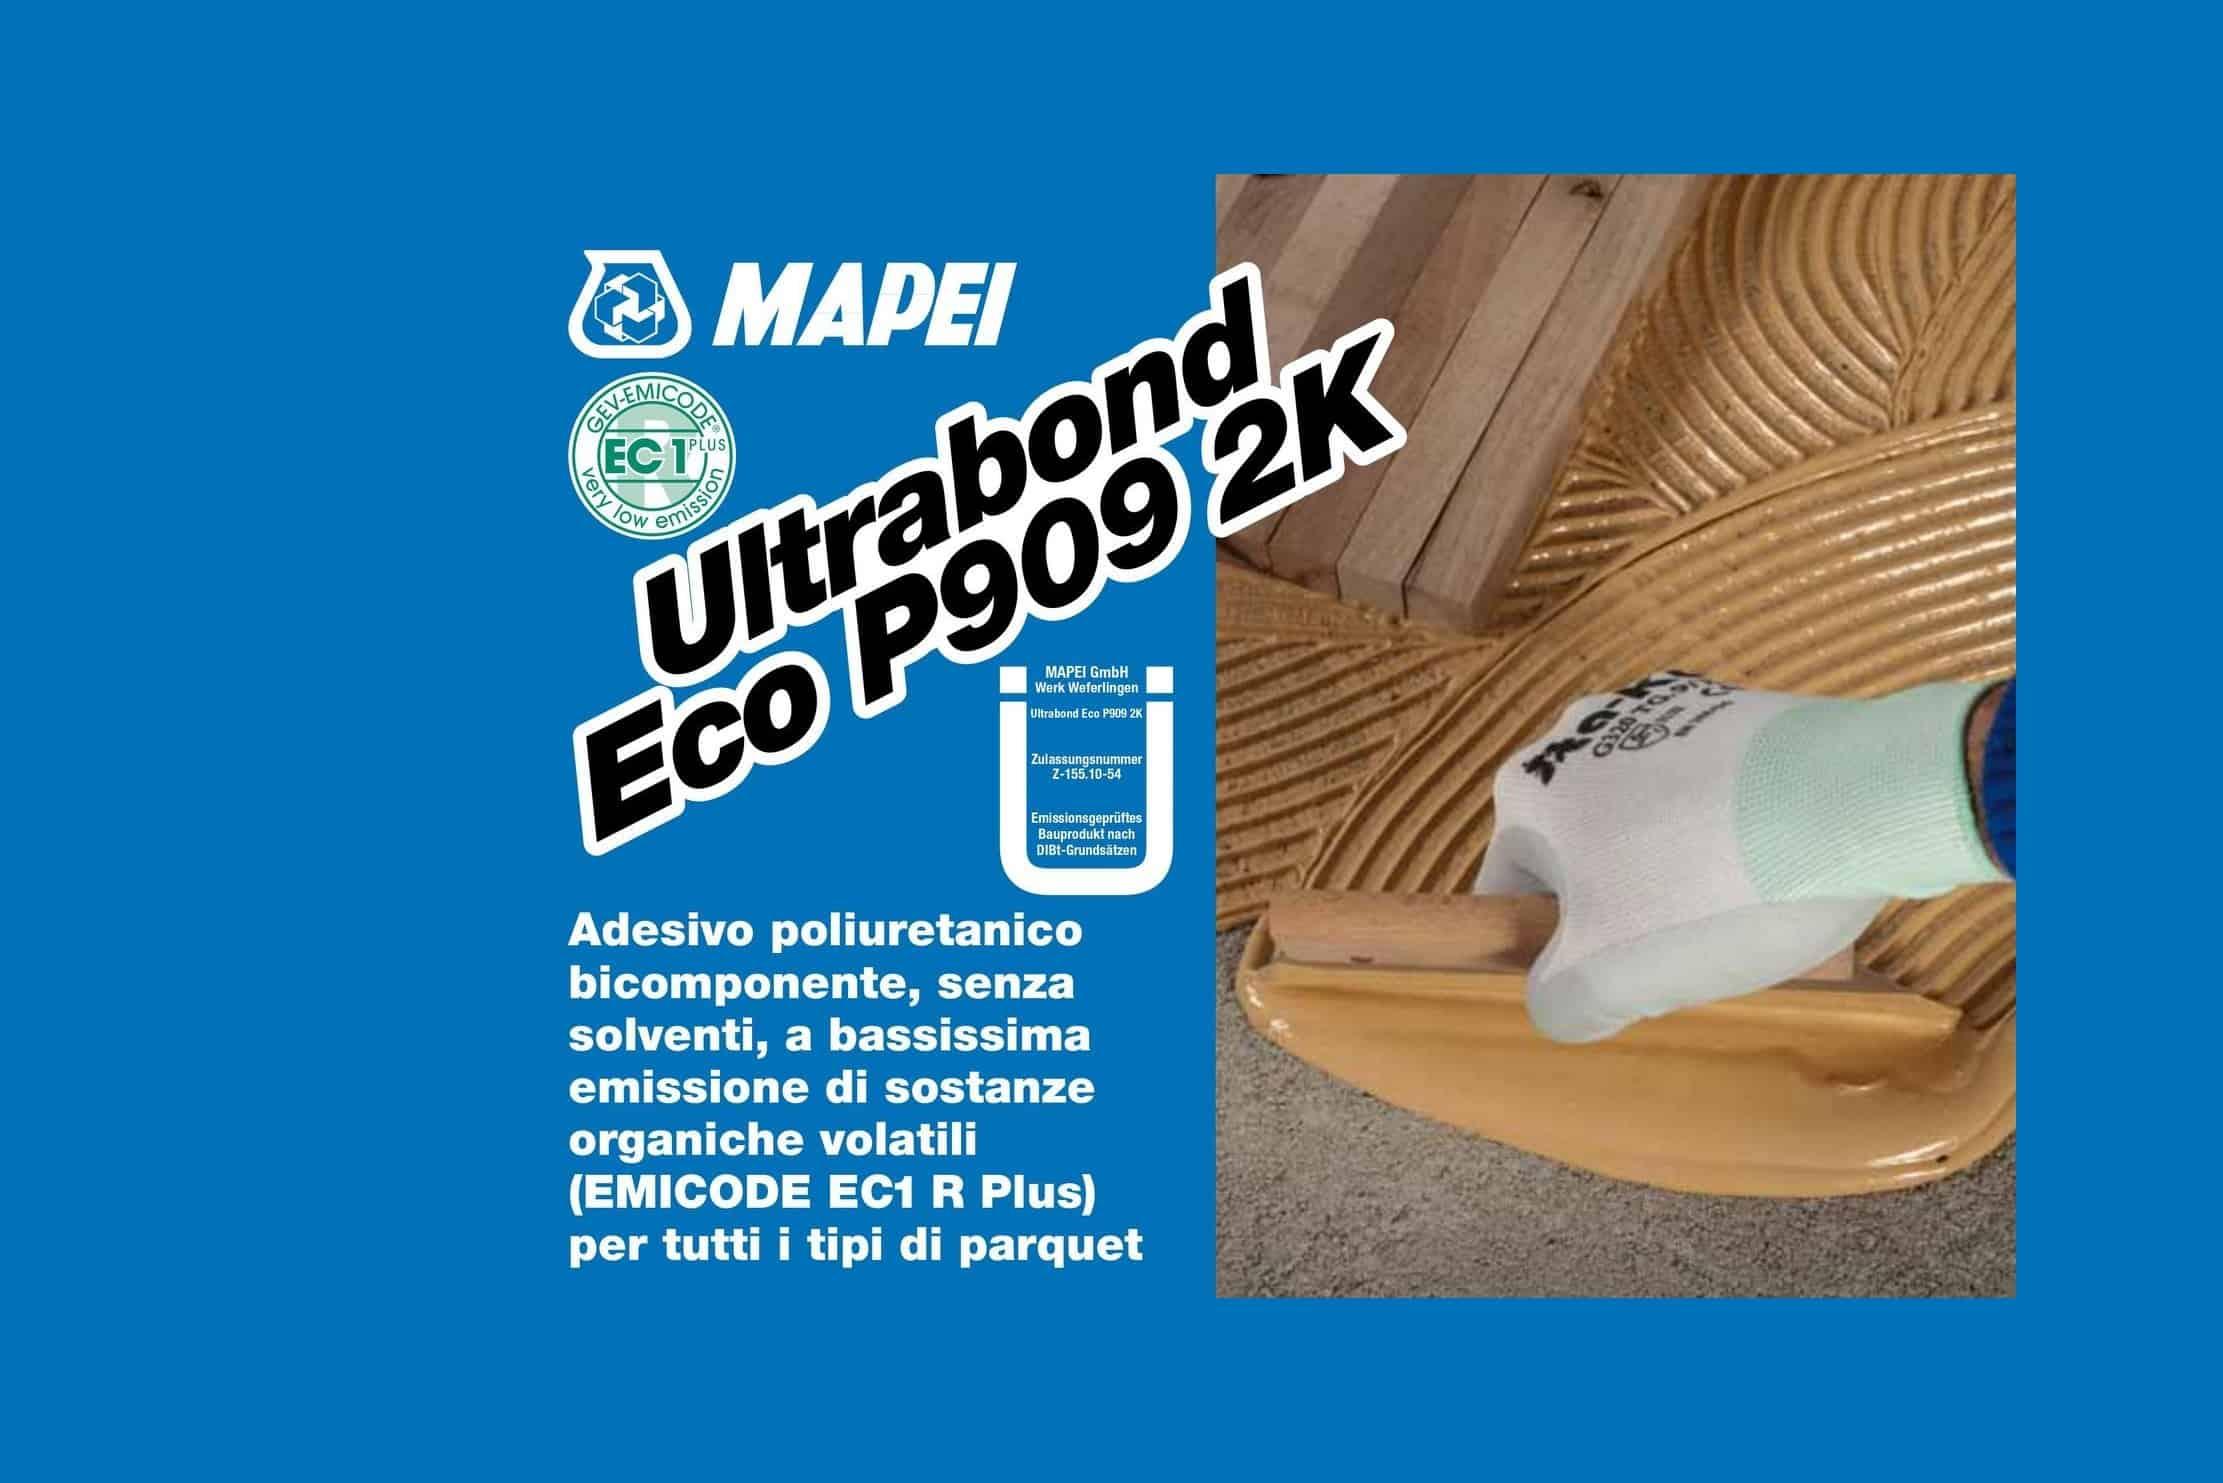 Colla bicomponente per parquet mapei per pavimenti legno - Mapei colla per piastrelle ...